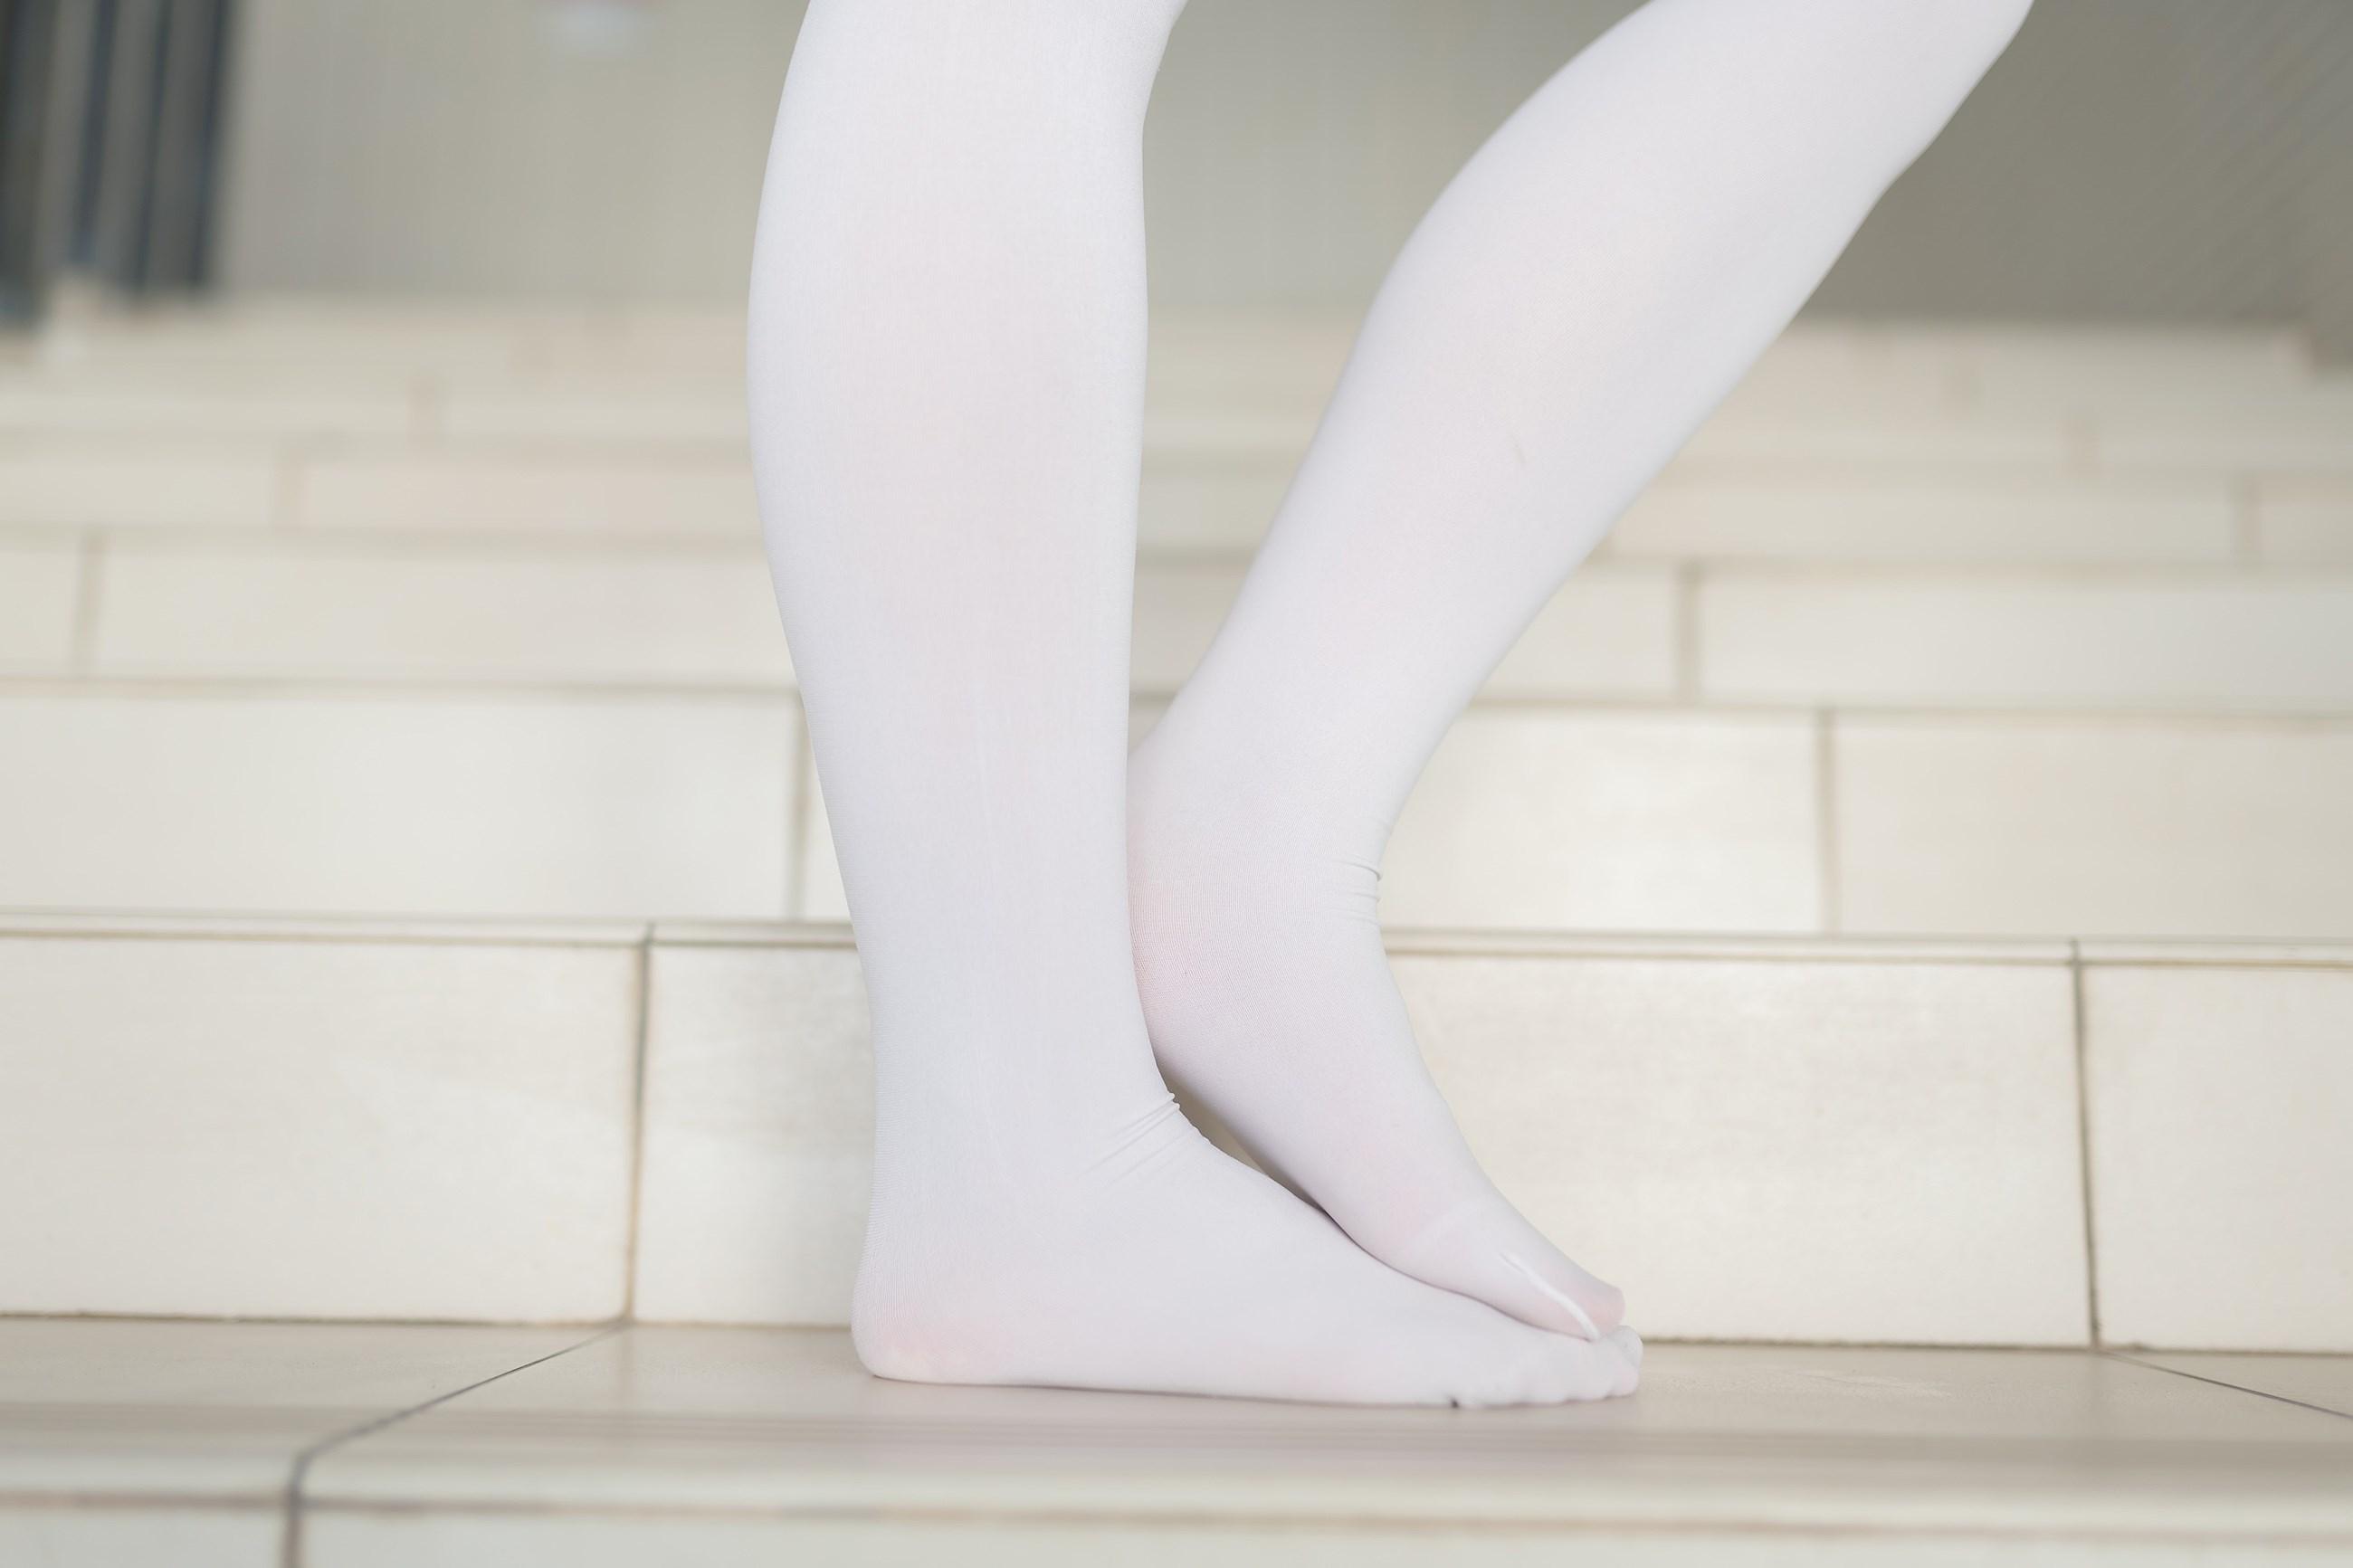 【兔玩映画】楼梯上的白丝少女 兔玩映画 第37张